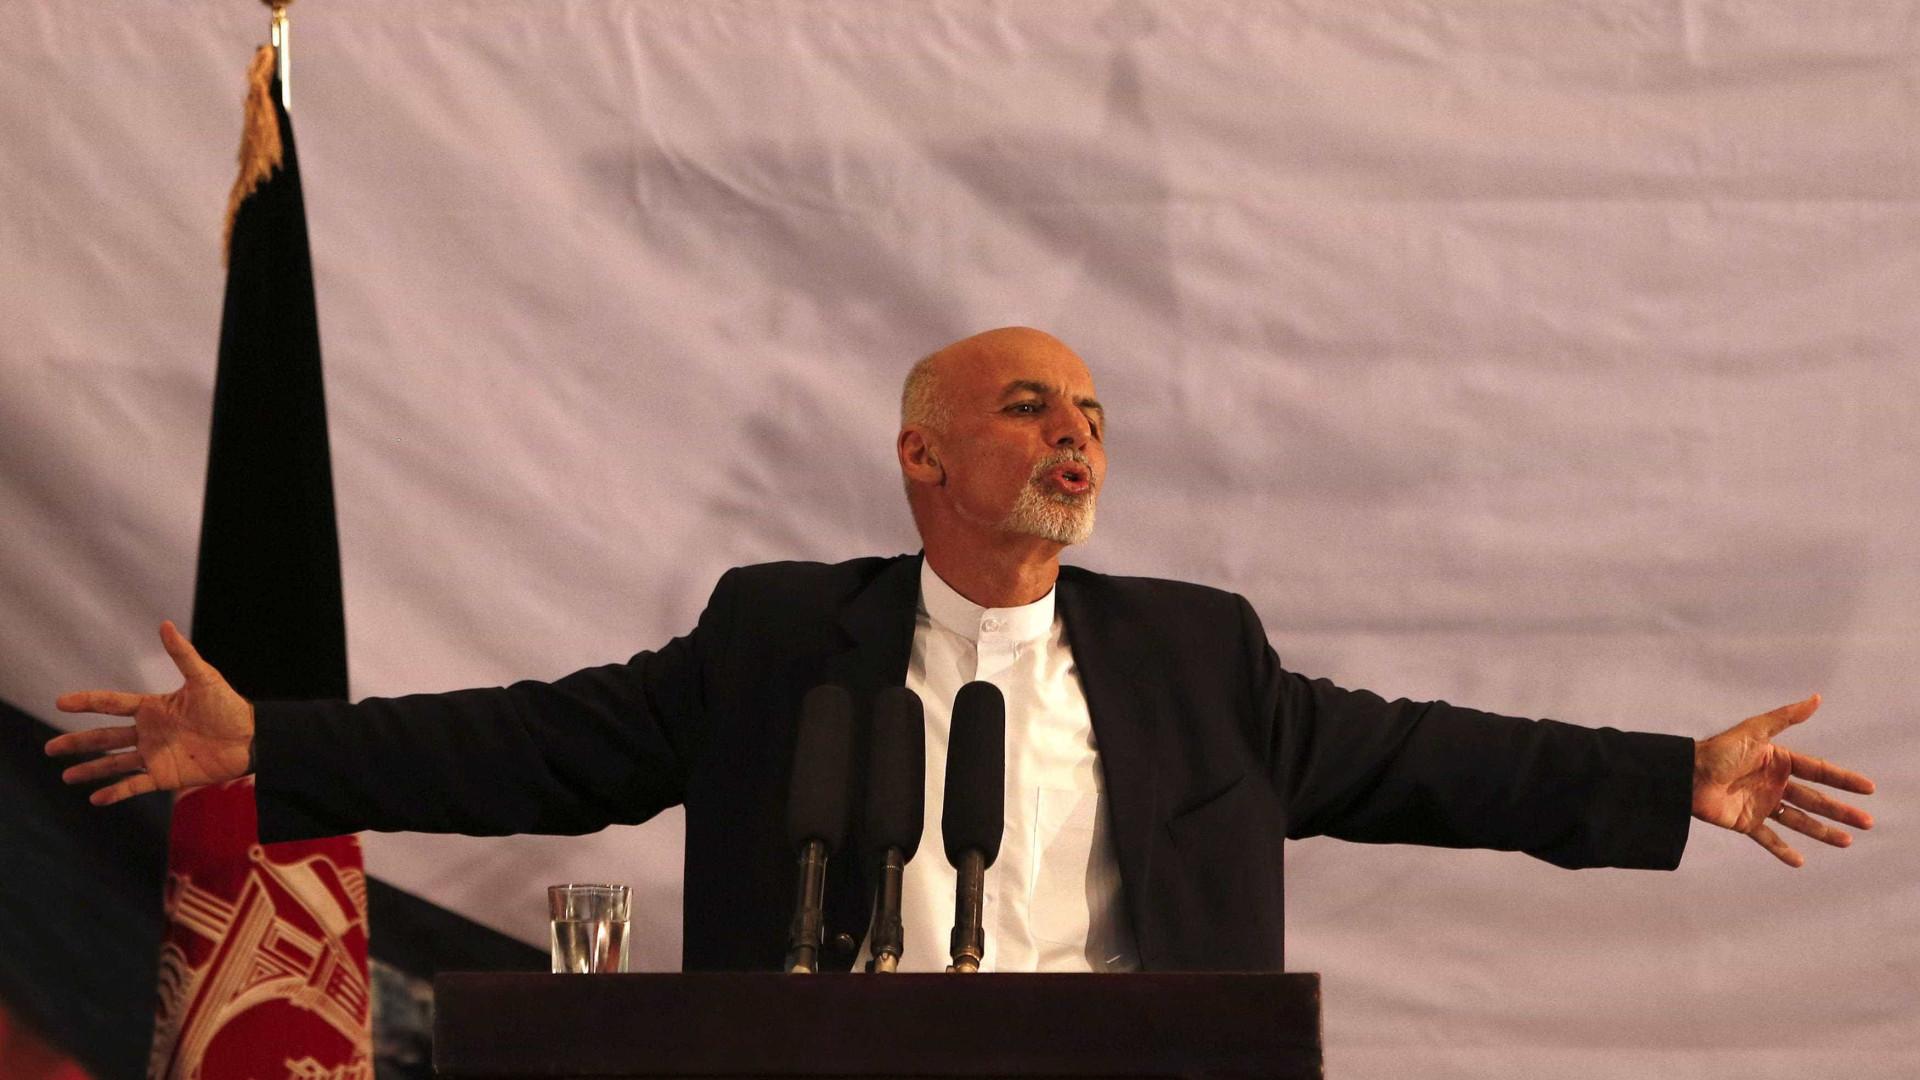 """Governo afegão responde ao Paquistão. Combate ao terrorismo é """"honesto"""""""